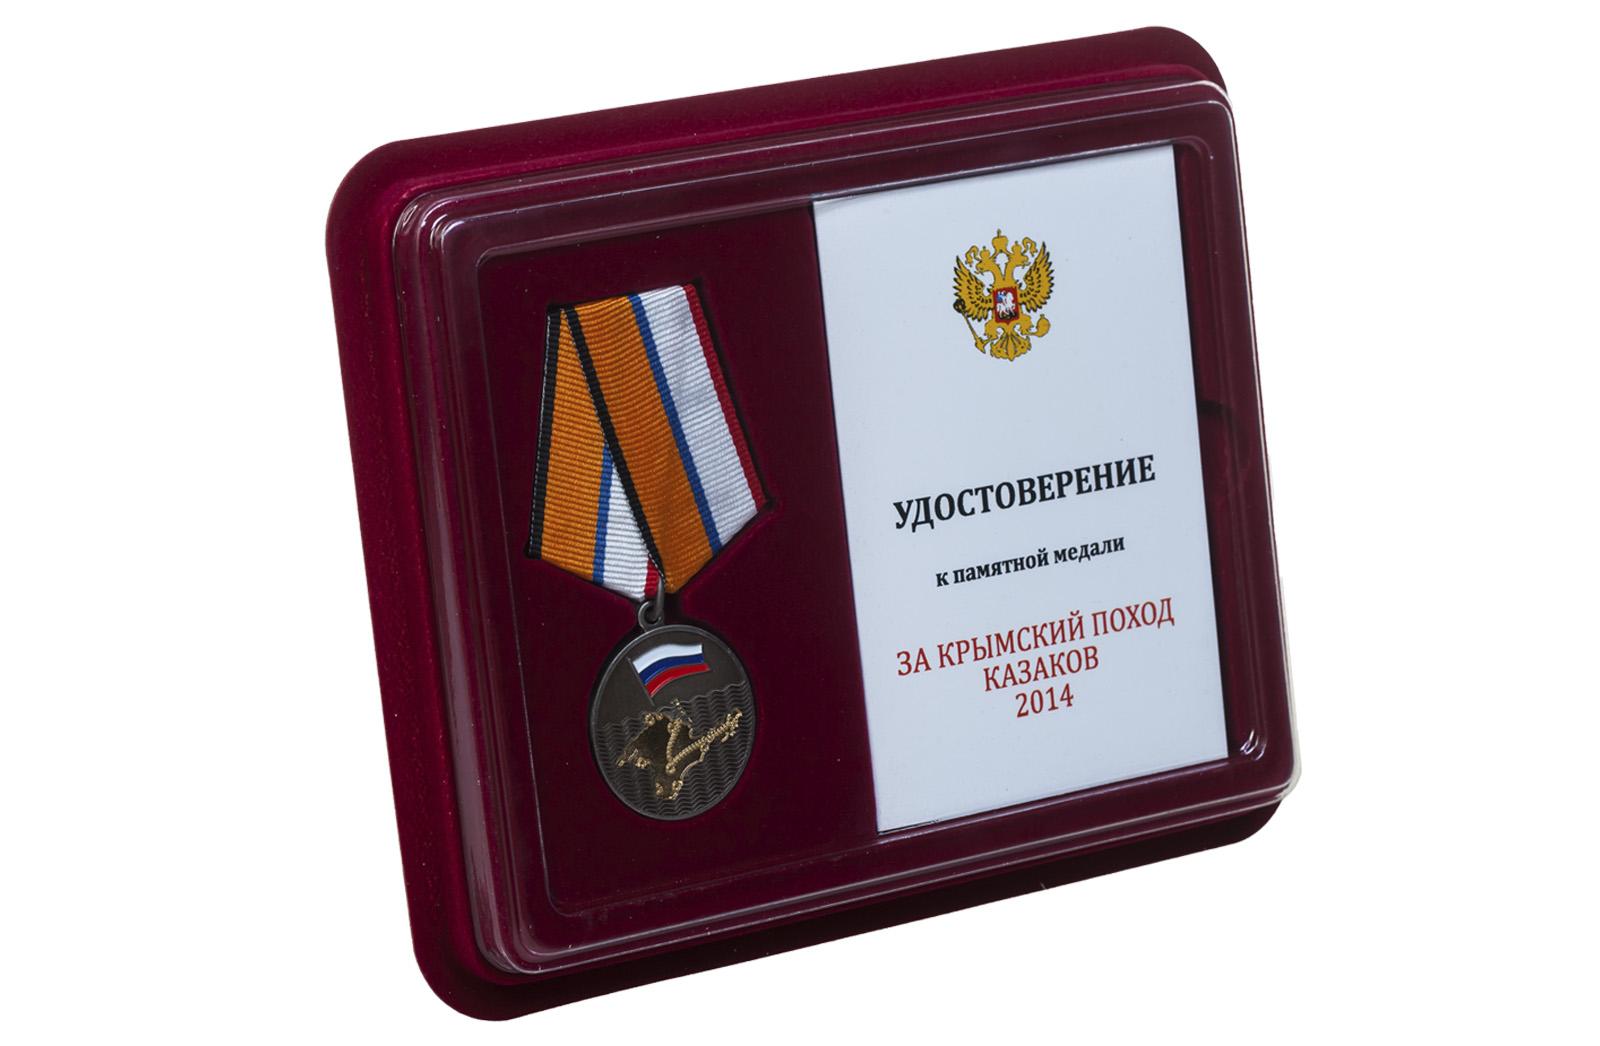 Купить медаль За Крымский поход казаков России в подарок мужчине